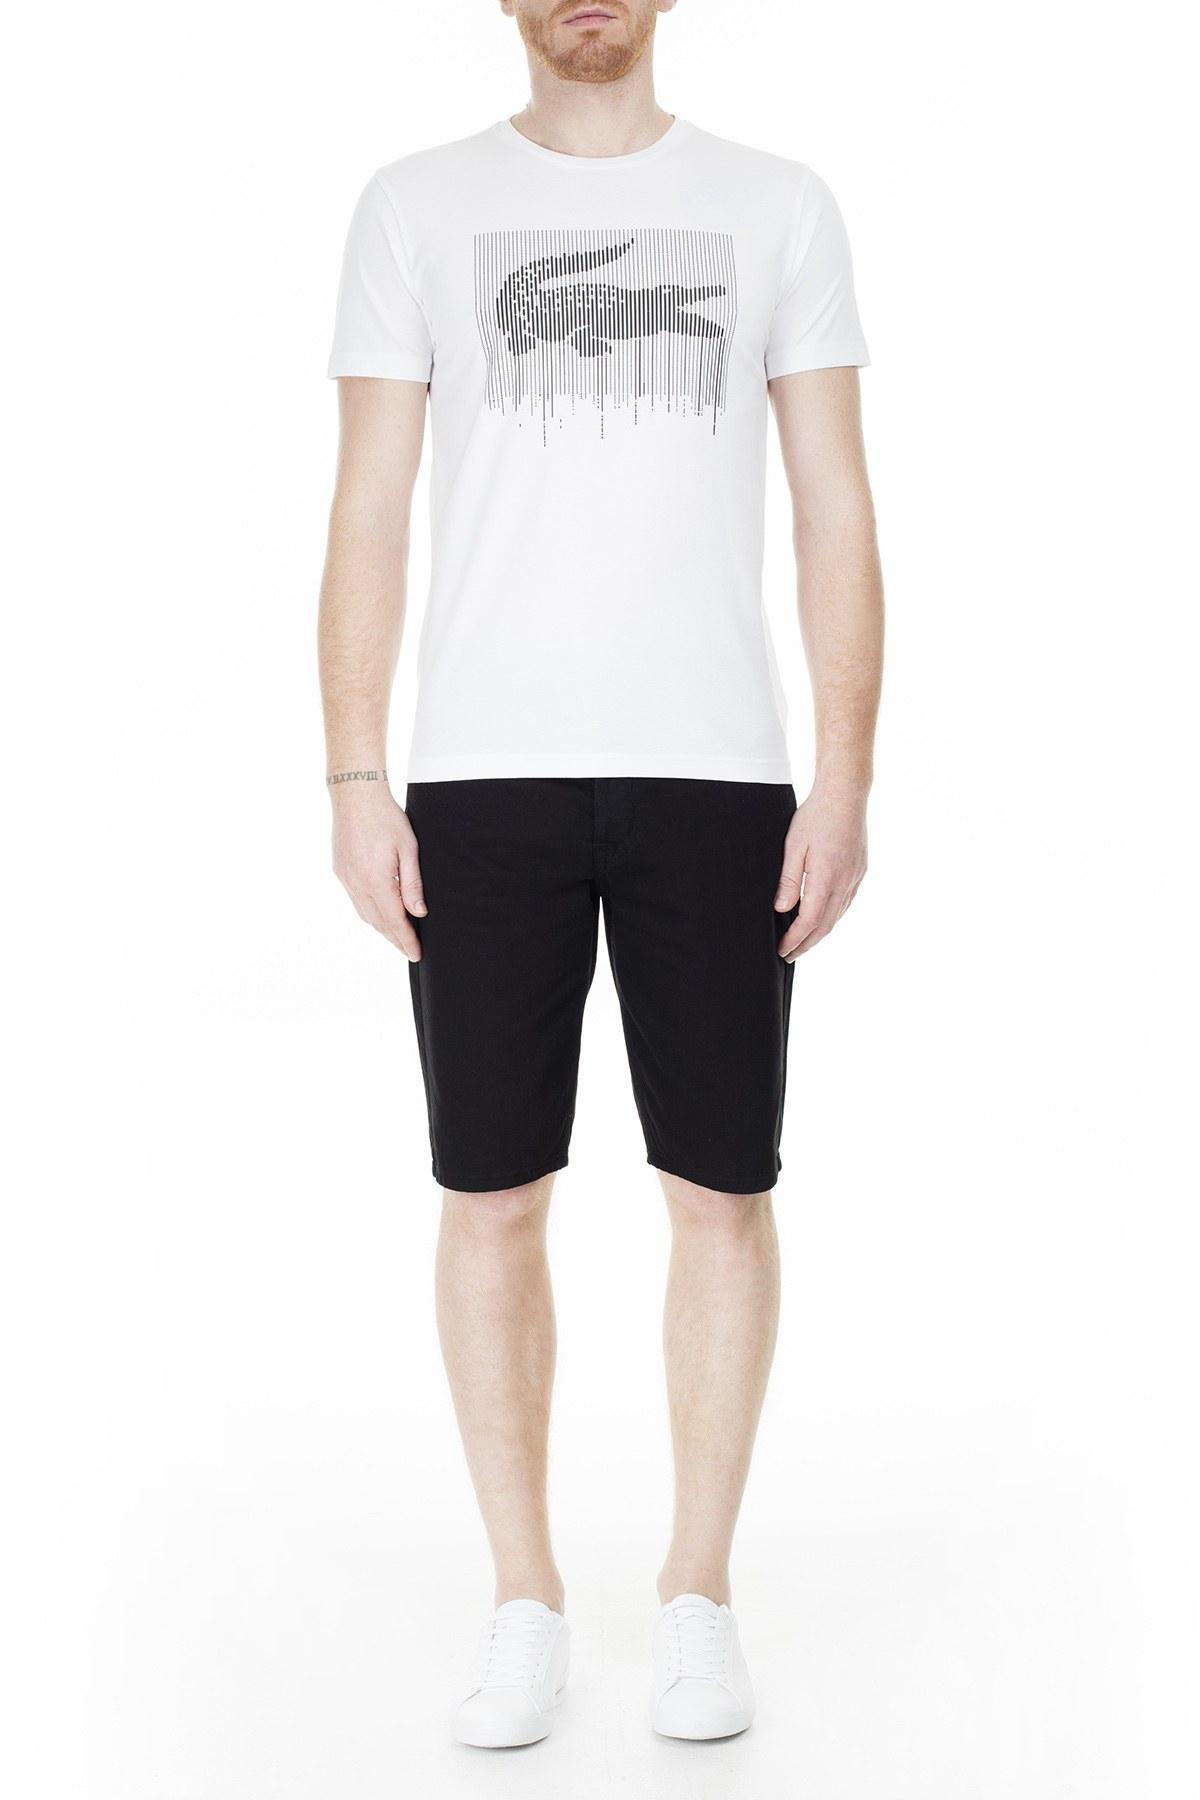 Lacoste Erkek T Shirt TH0013 13A BEYAZ